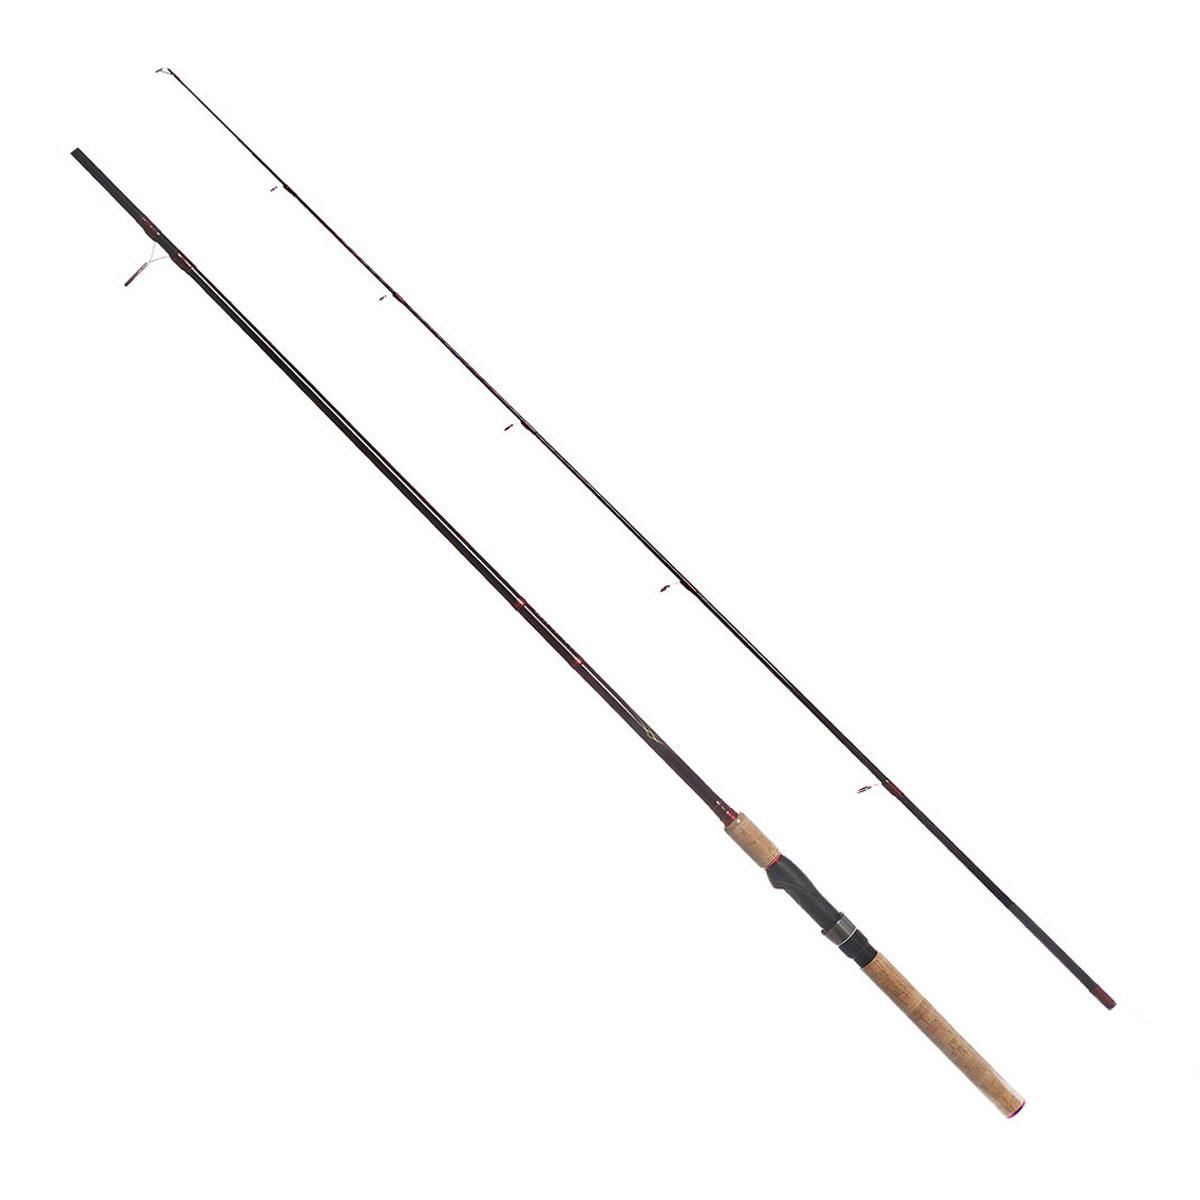 Удилище спиннинговое Daiwa Vulcan-AR, штекерное, цвет: черный, 2,13 м, 5-15 г